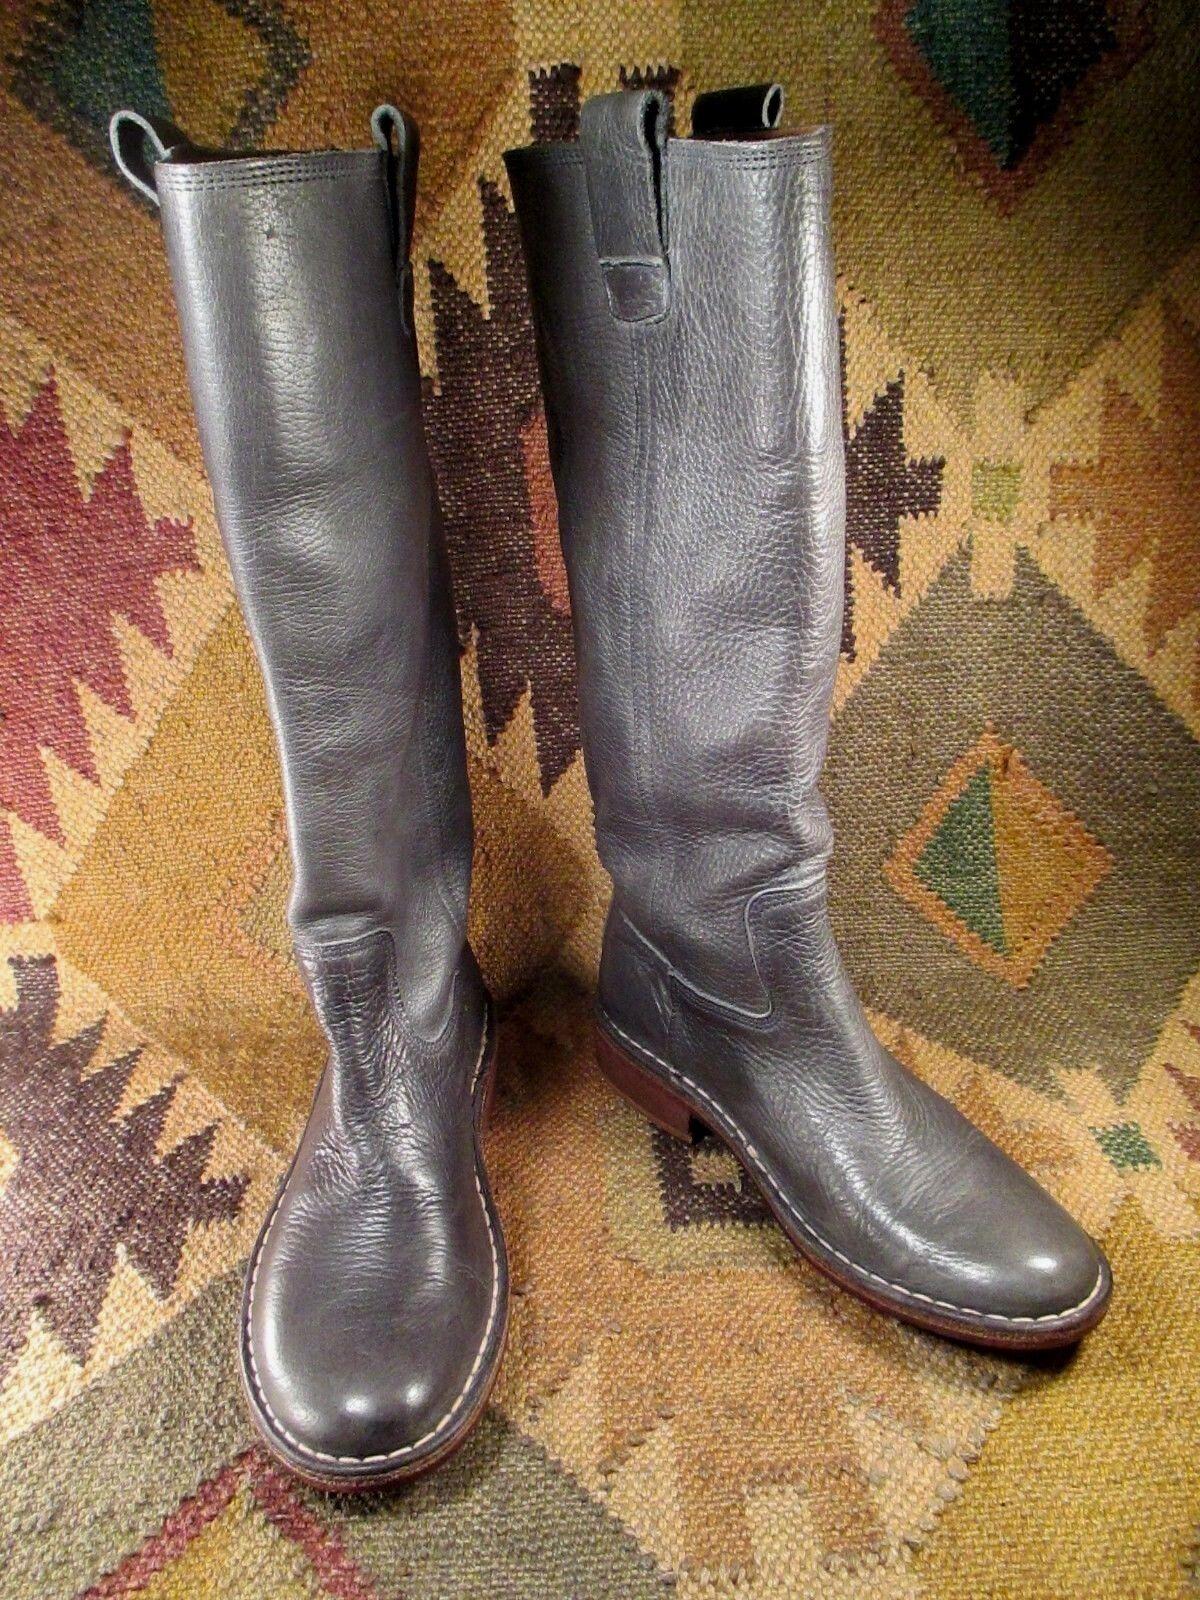 Kickers 70 midum Hecho gris Original Cuero Grueso botas Talla 7 Hecho midum En Portugal c84a61